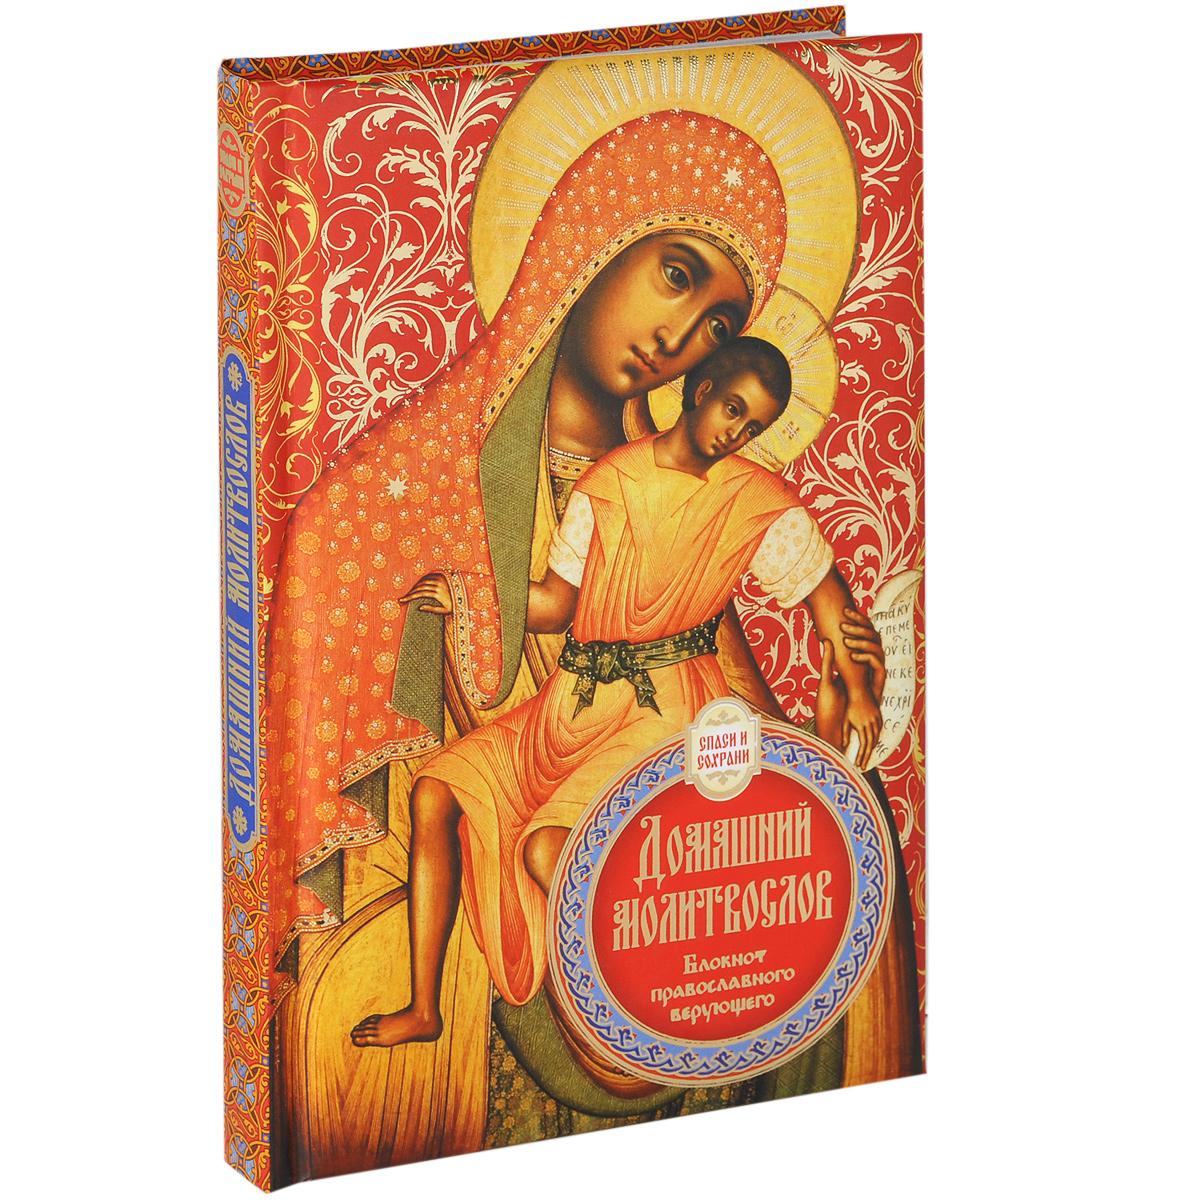 Домашний молитвослов. блокнот православного верующего